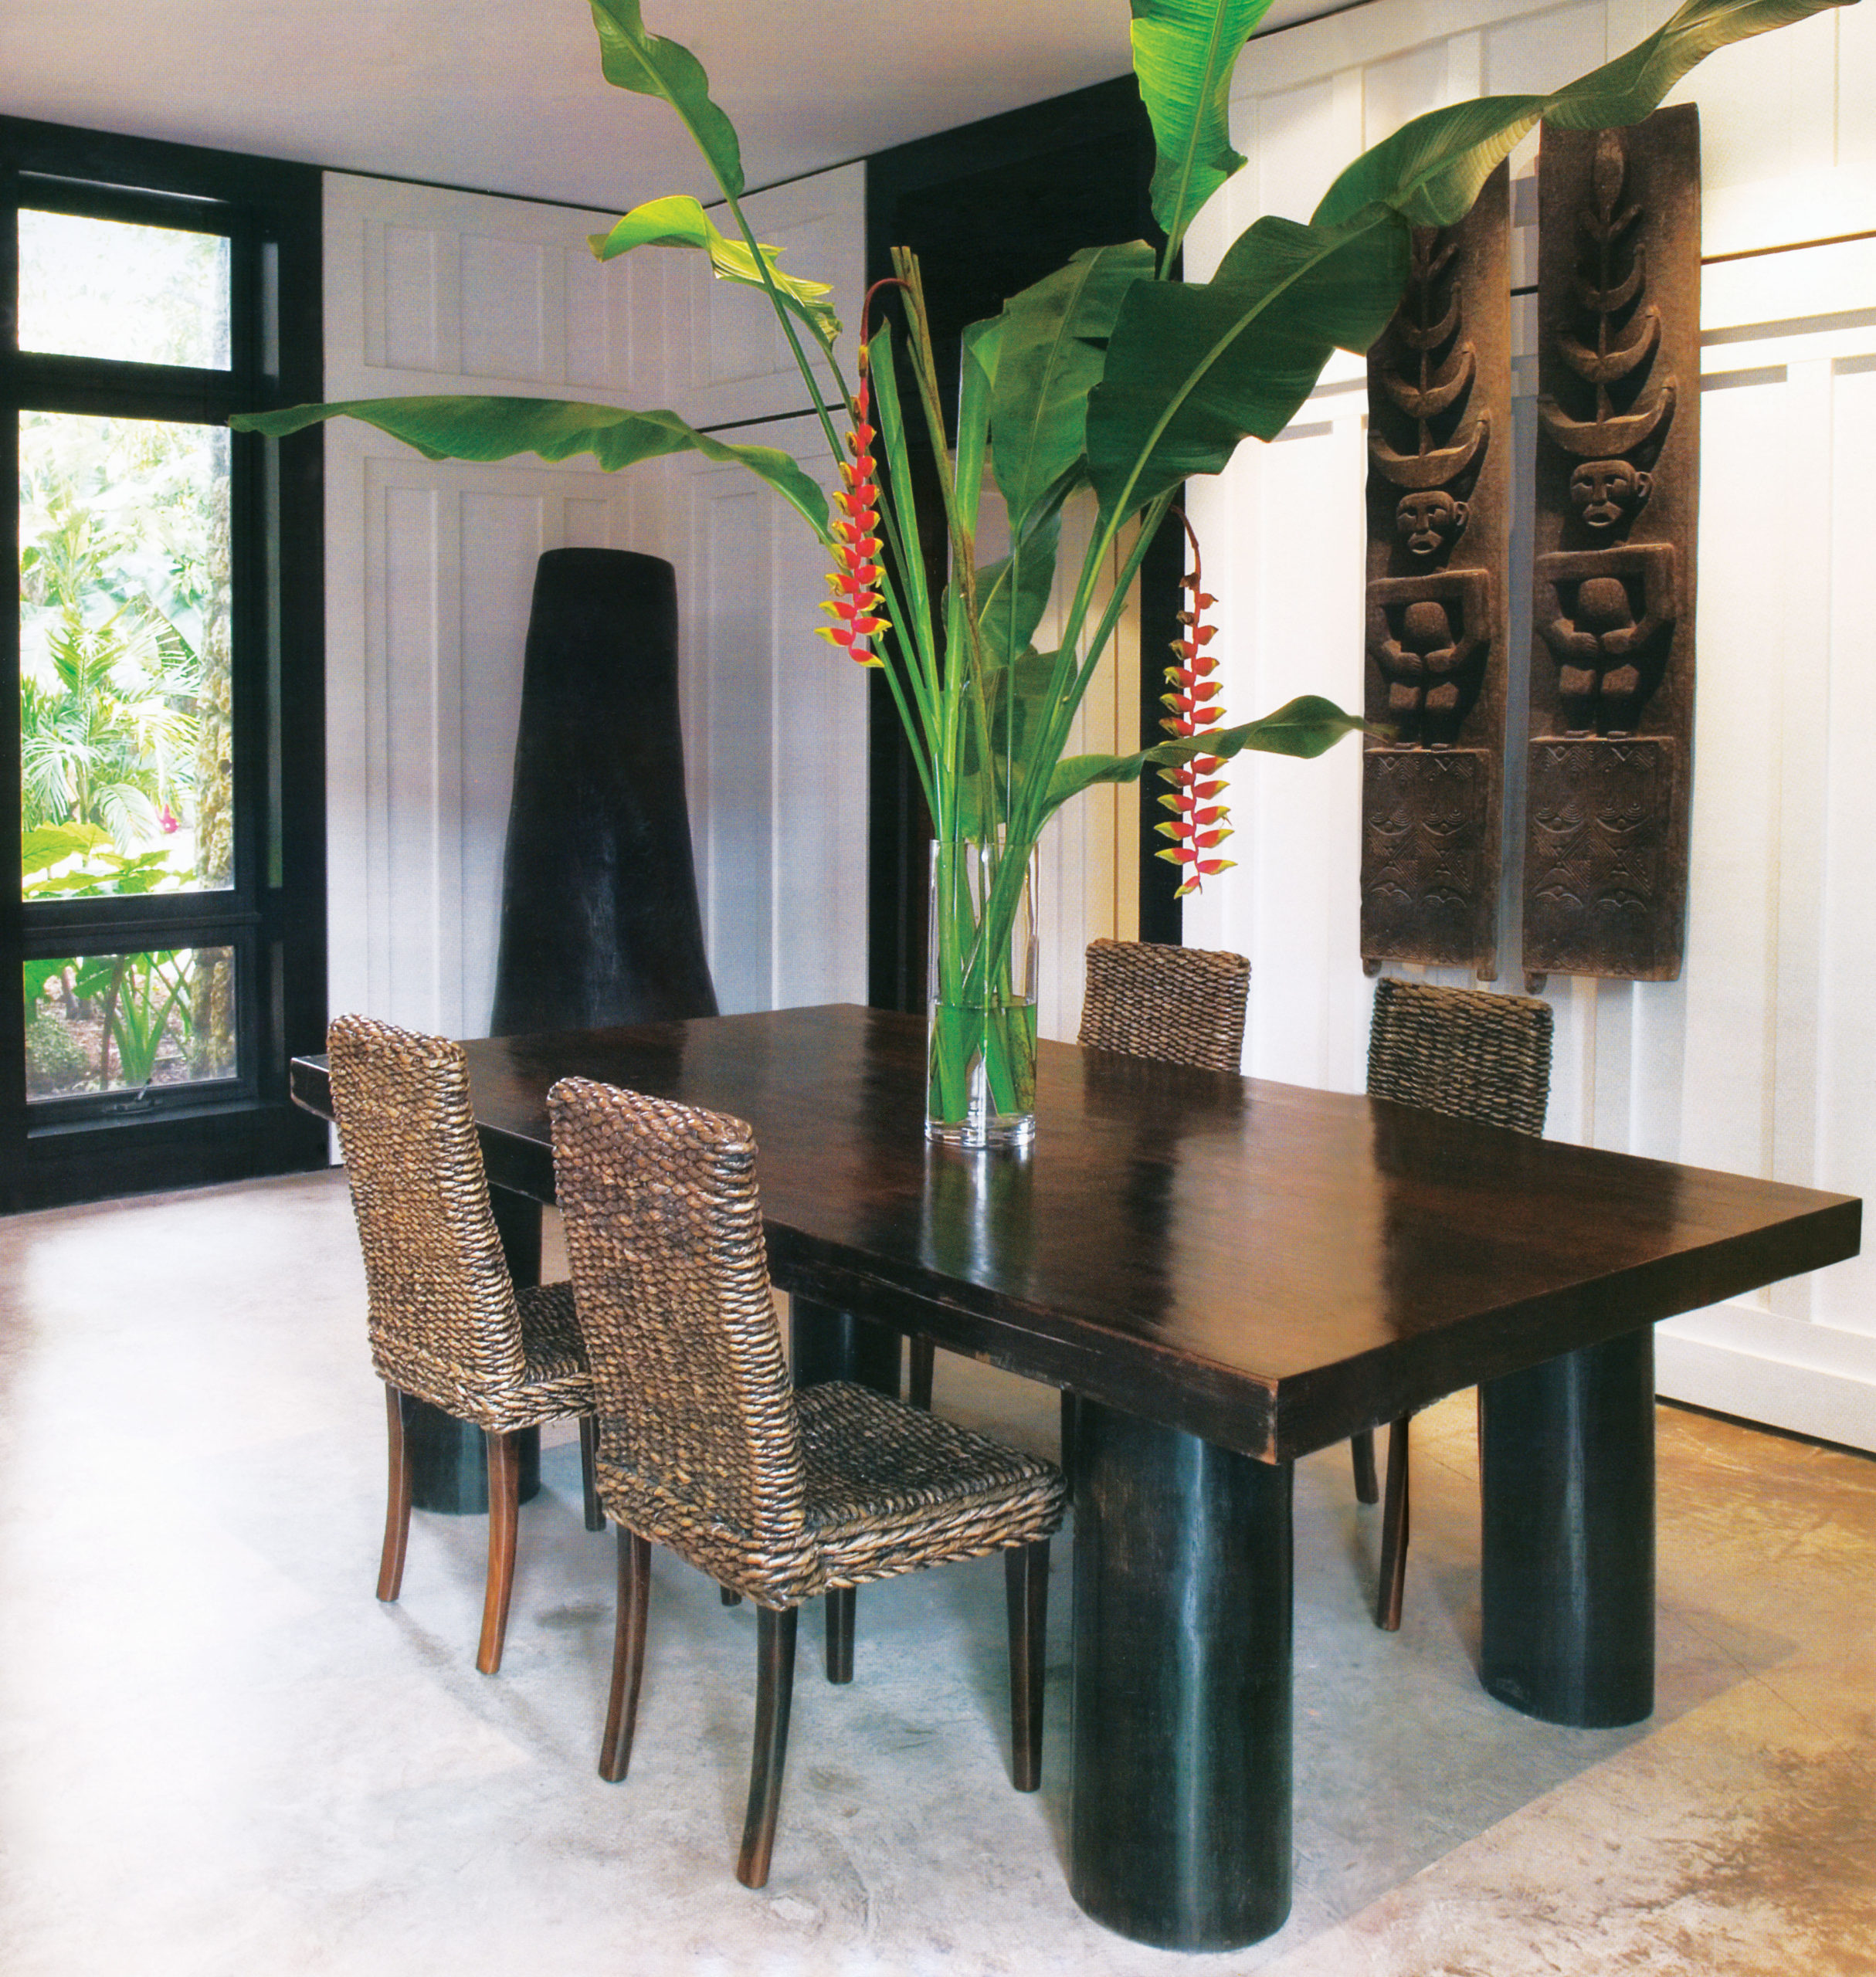 از جمله ایدههایی که معمار منحصراً در این خانه اجرا کرد، جانمایی گلدانی بزرگ از چوب یکتکه در گوشهای از فضای غذاخوری و همچنین قرار دادن یک گلدان بسیار بزرگ در روی میز غذاخوری بود. پنلهای در، از جنس چوبیست که از تیمور شرقی آورده شده است و در قلب فرهنگ و زندگی مردمِ ناحیهی بالی بهوفور دیده میشود.